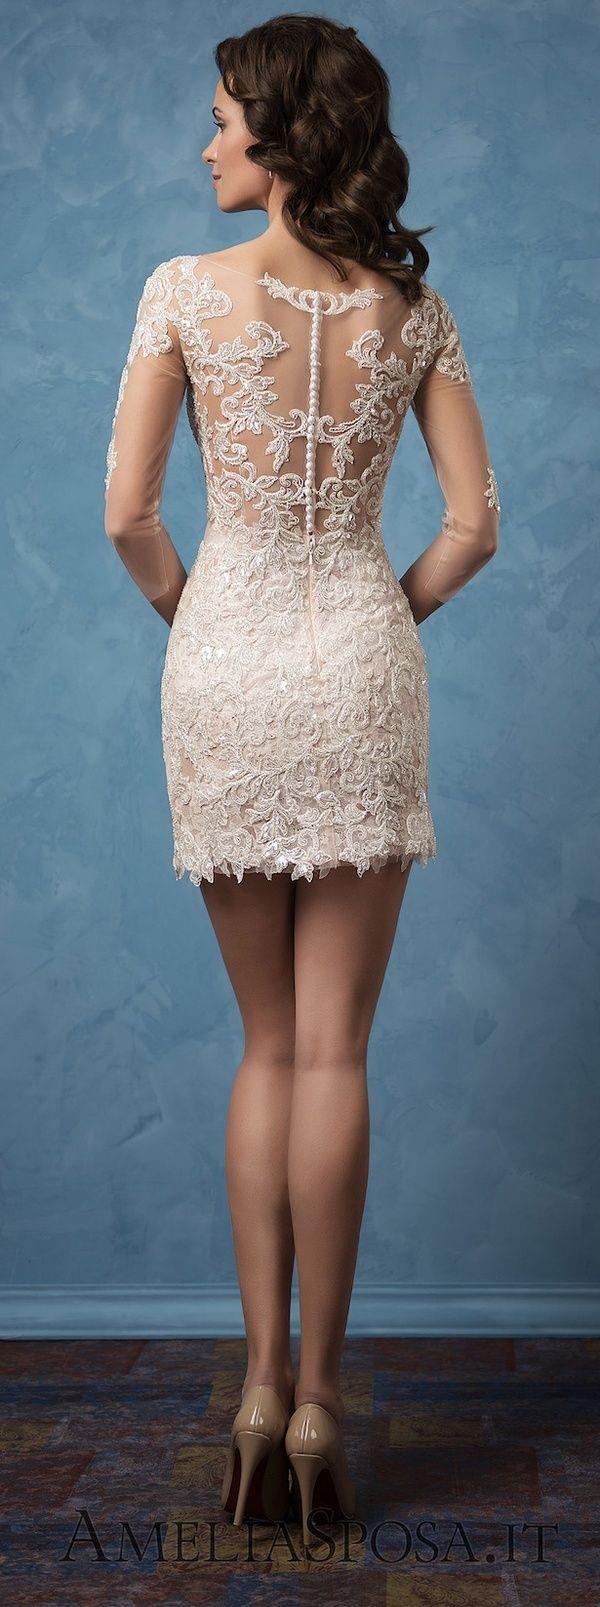 Peinados faciles de mujer para moda de primavera verano encaje